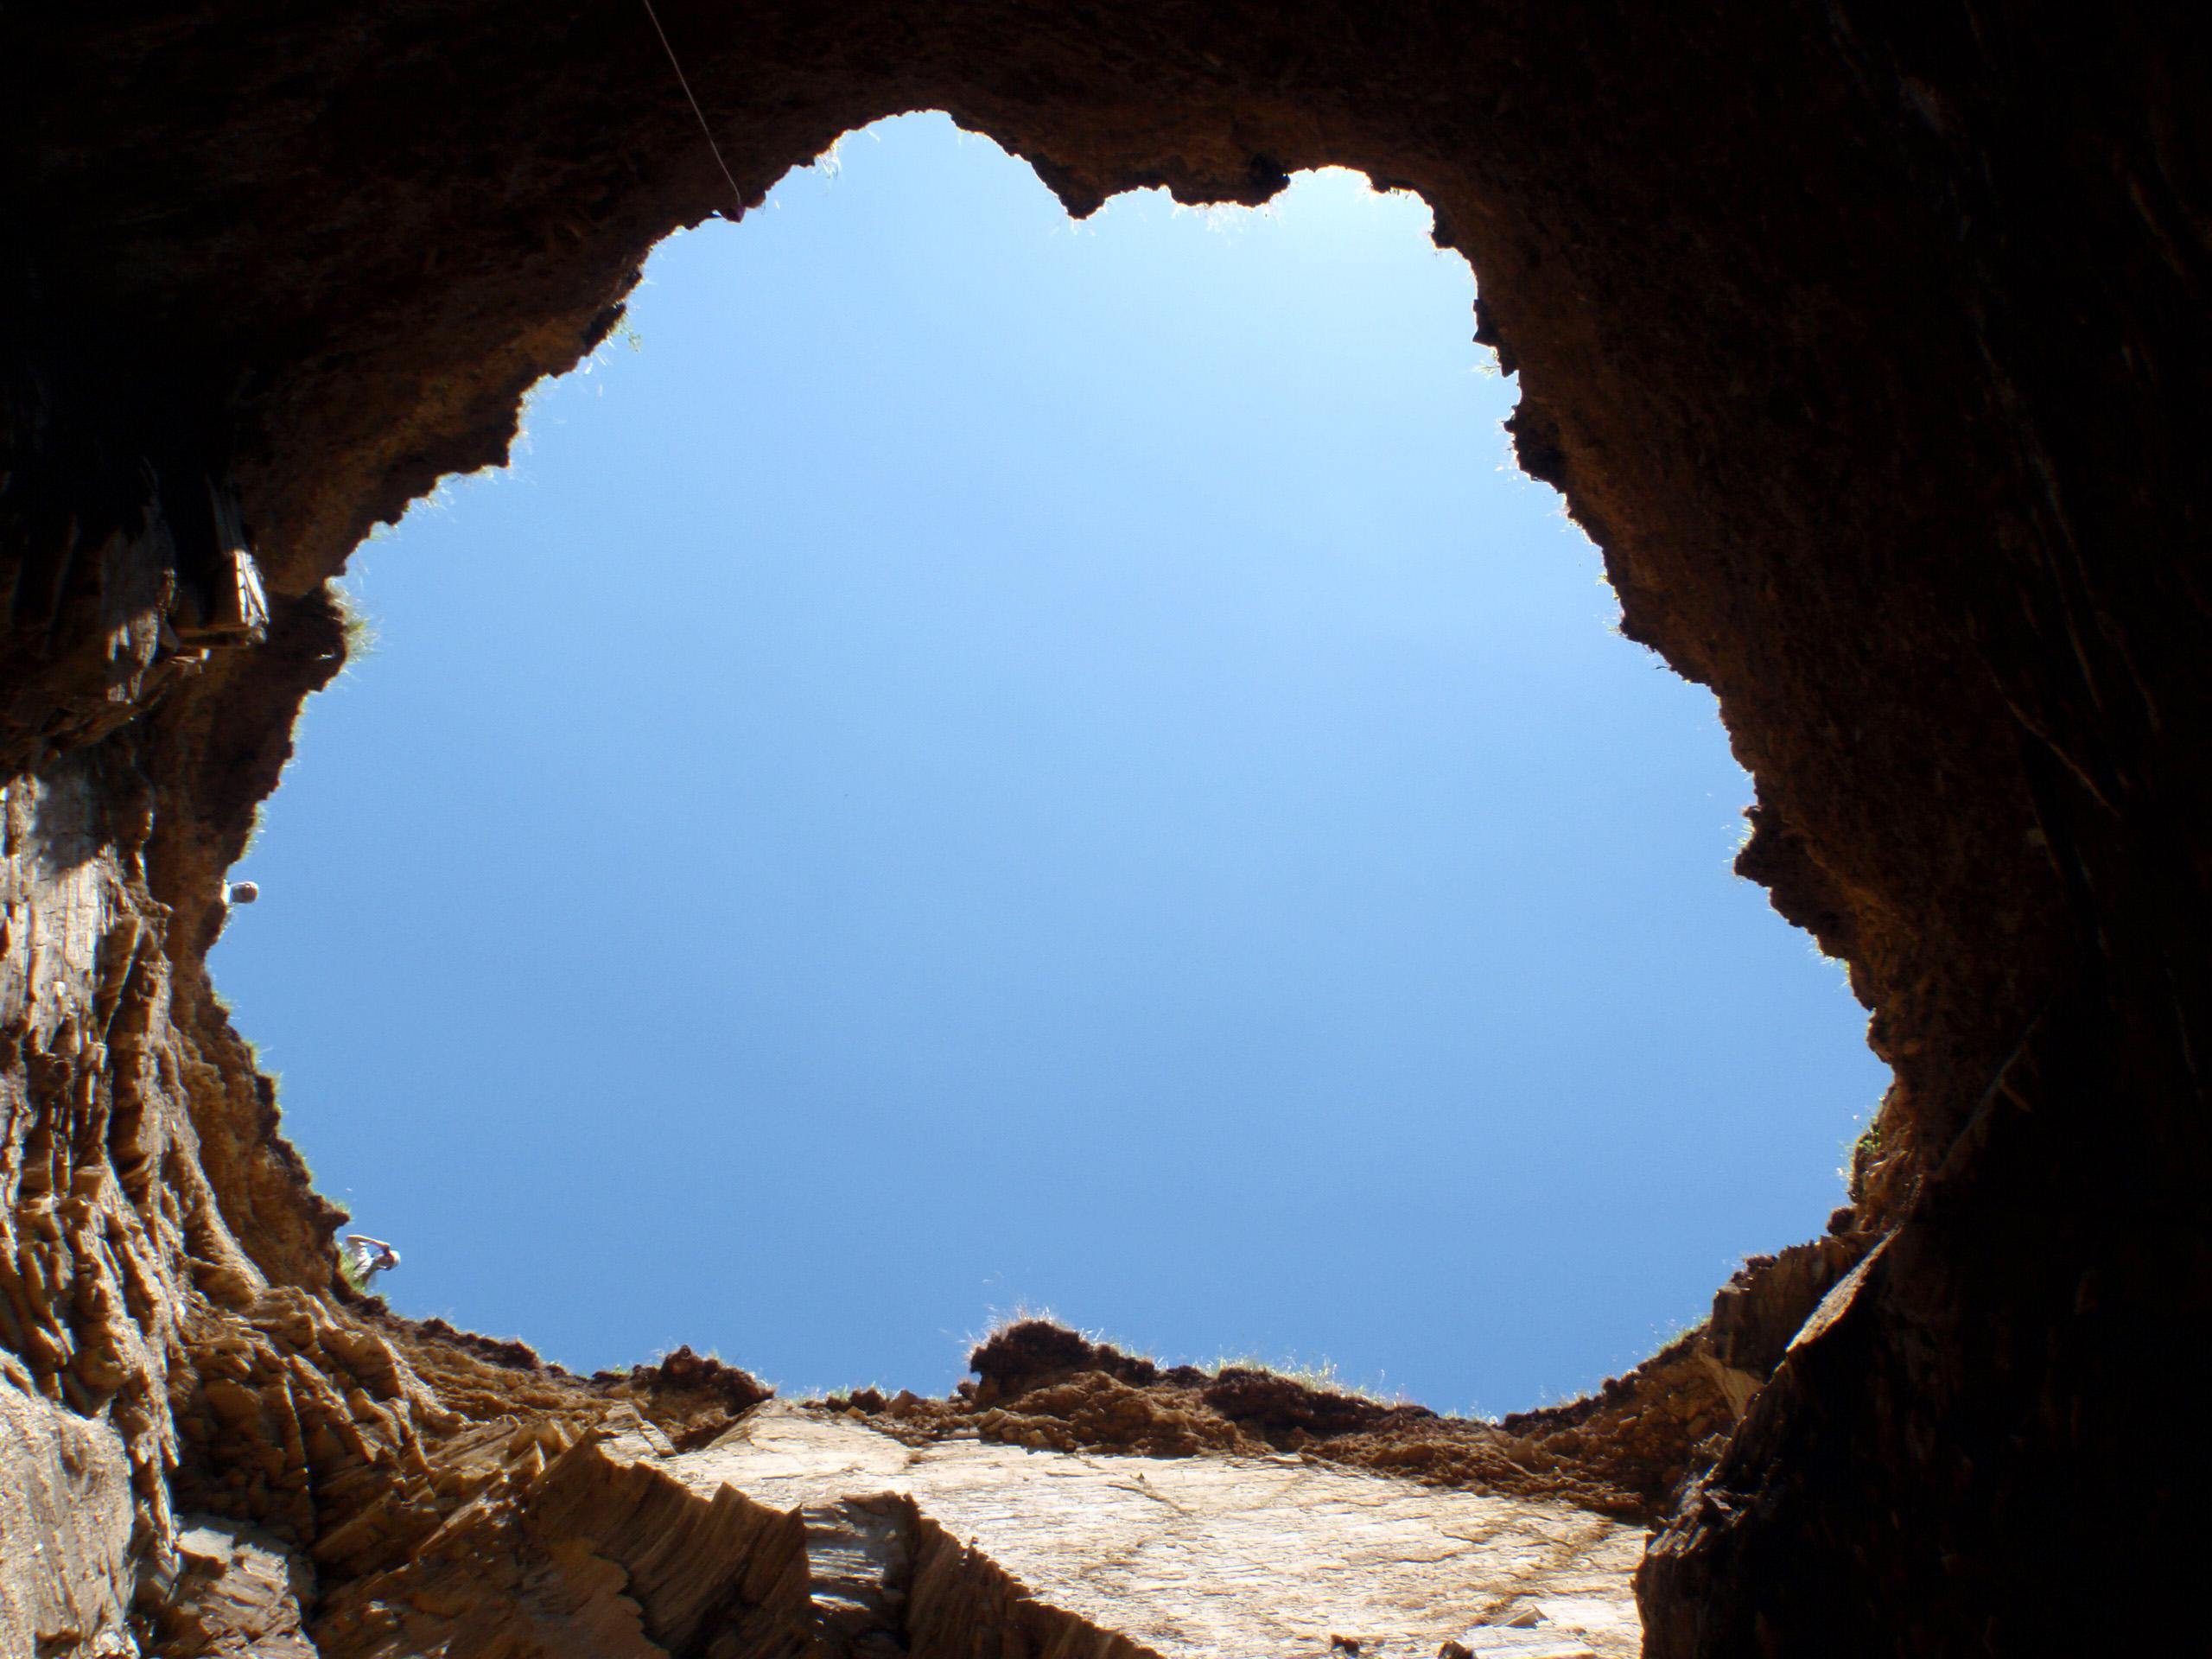 Novas exploracións e achados elevan o interese das cavernas galegas